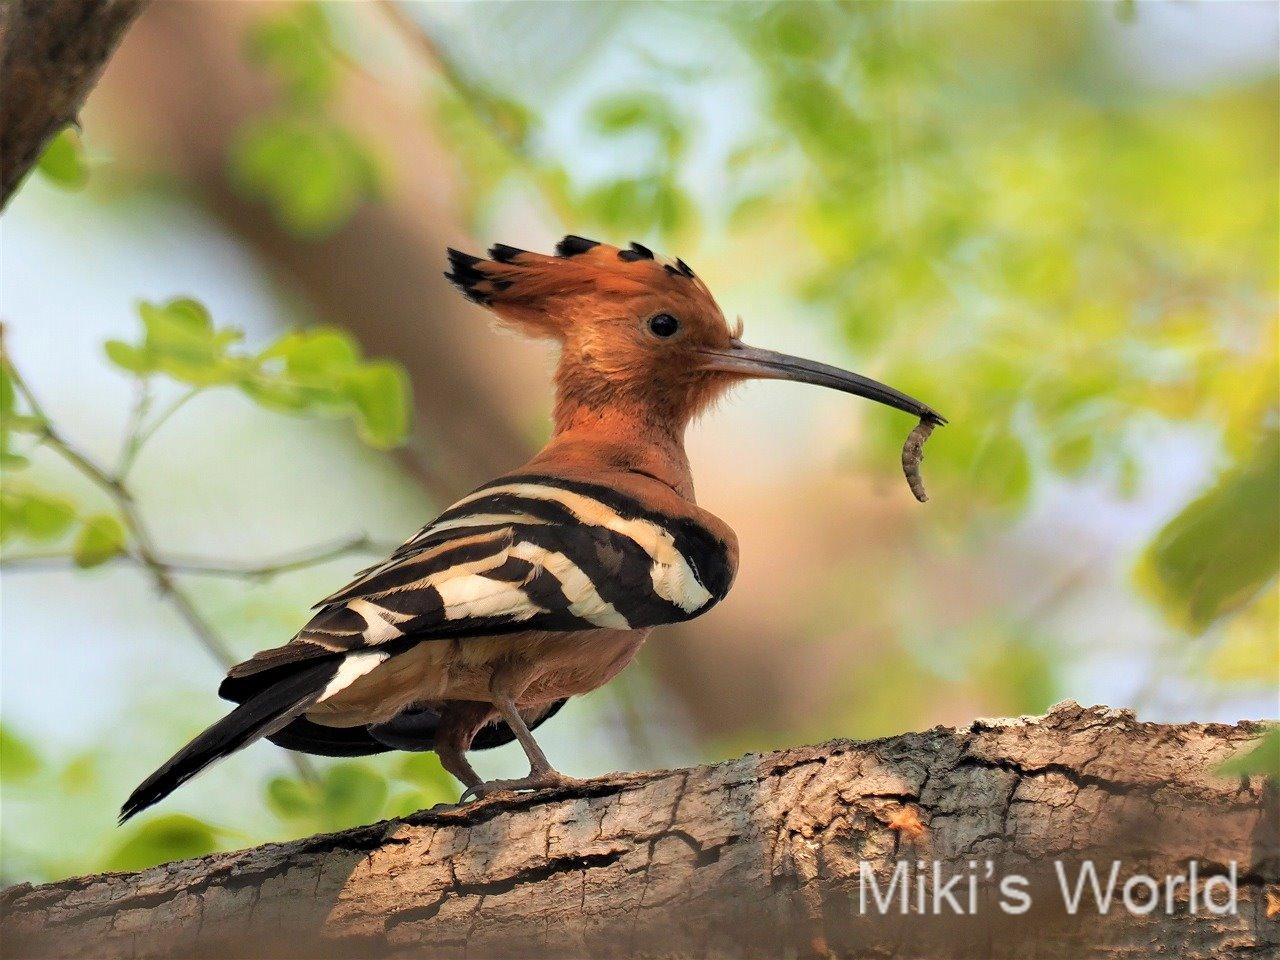 アフリカヤツガシラ 頭の羽が扇のようにひらく人気の鳥 思い出の鳥